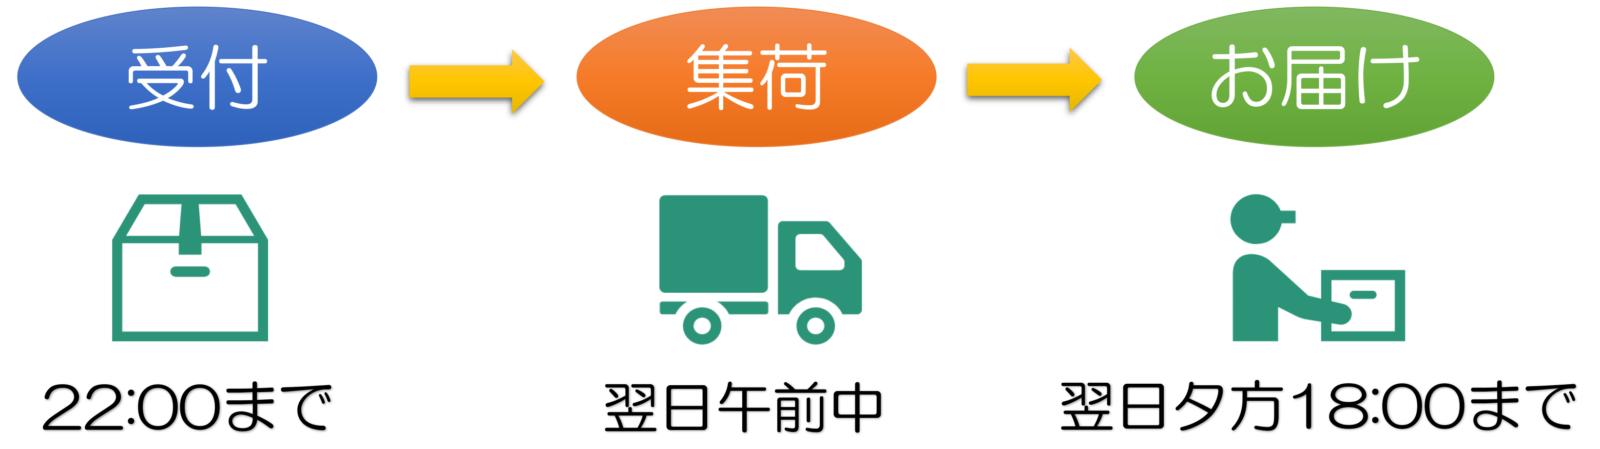 toujitsu